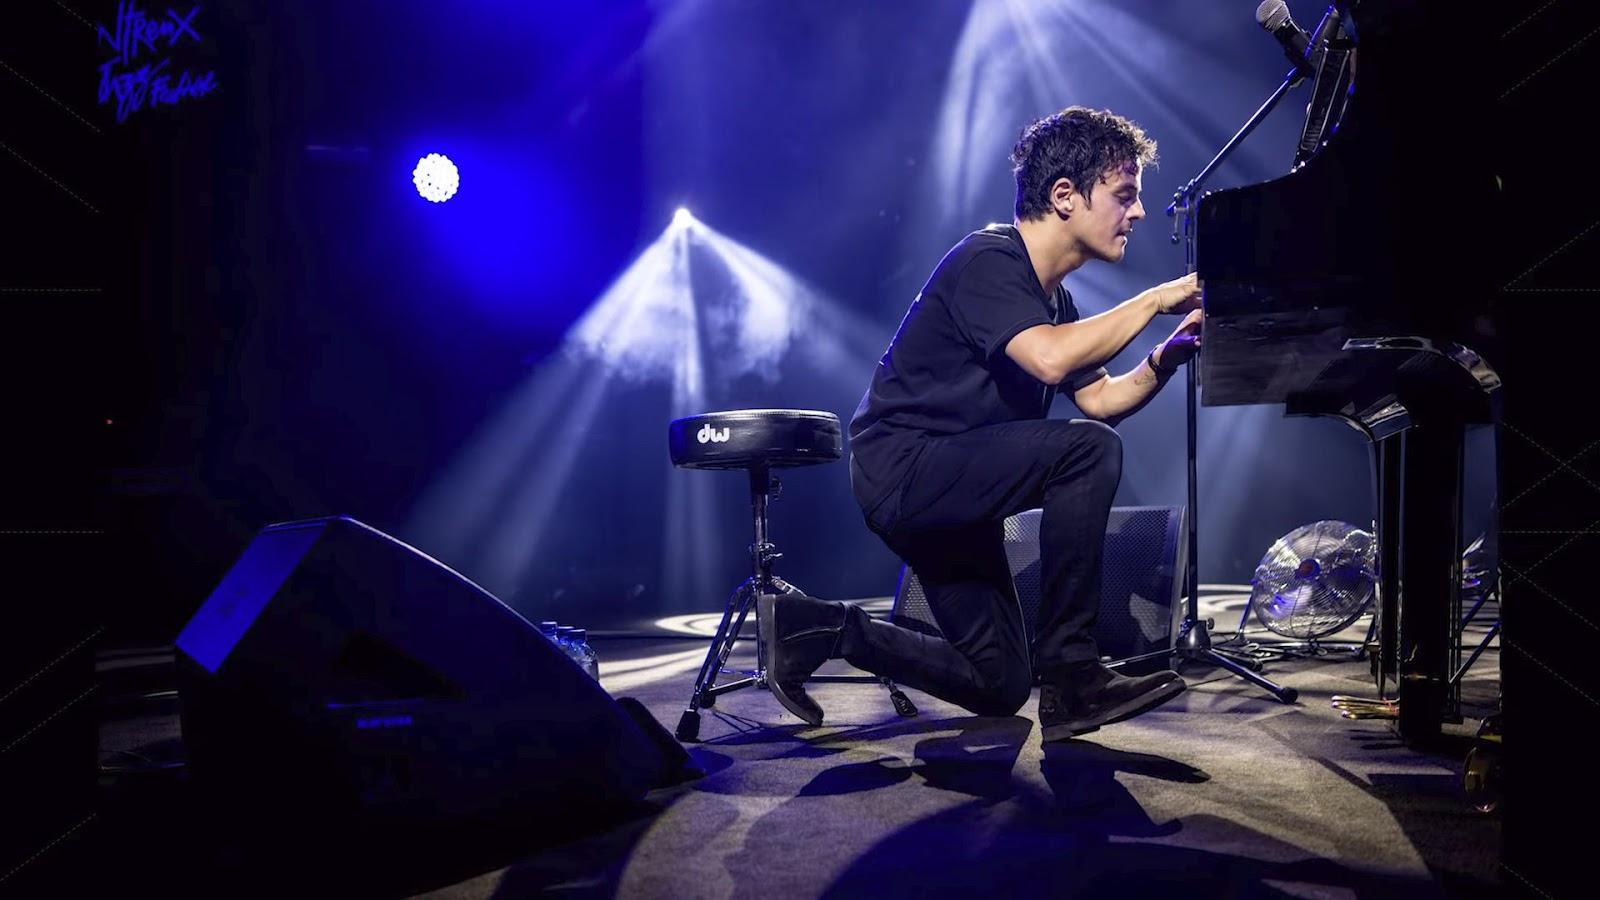 Мужчина за роялем на концерте